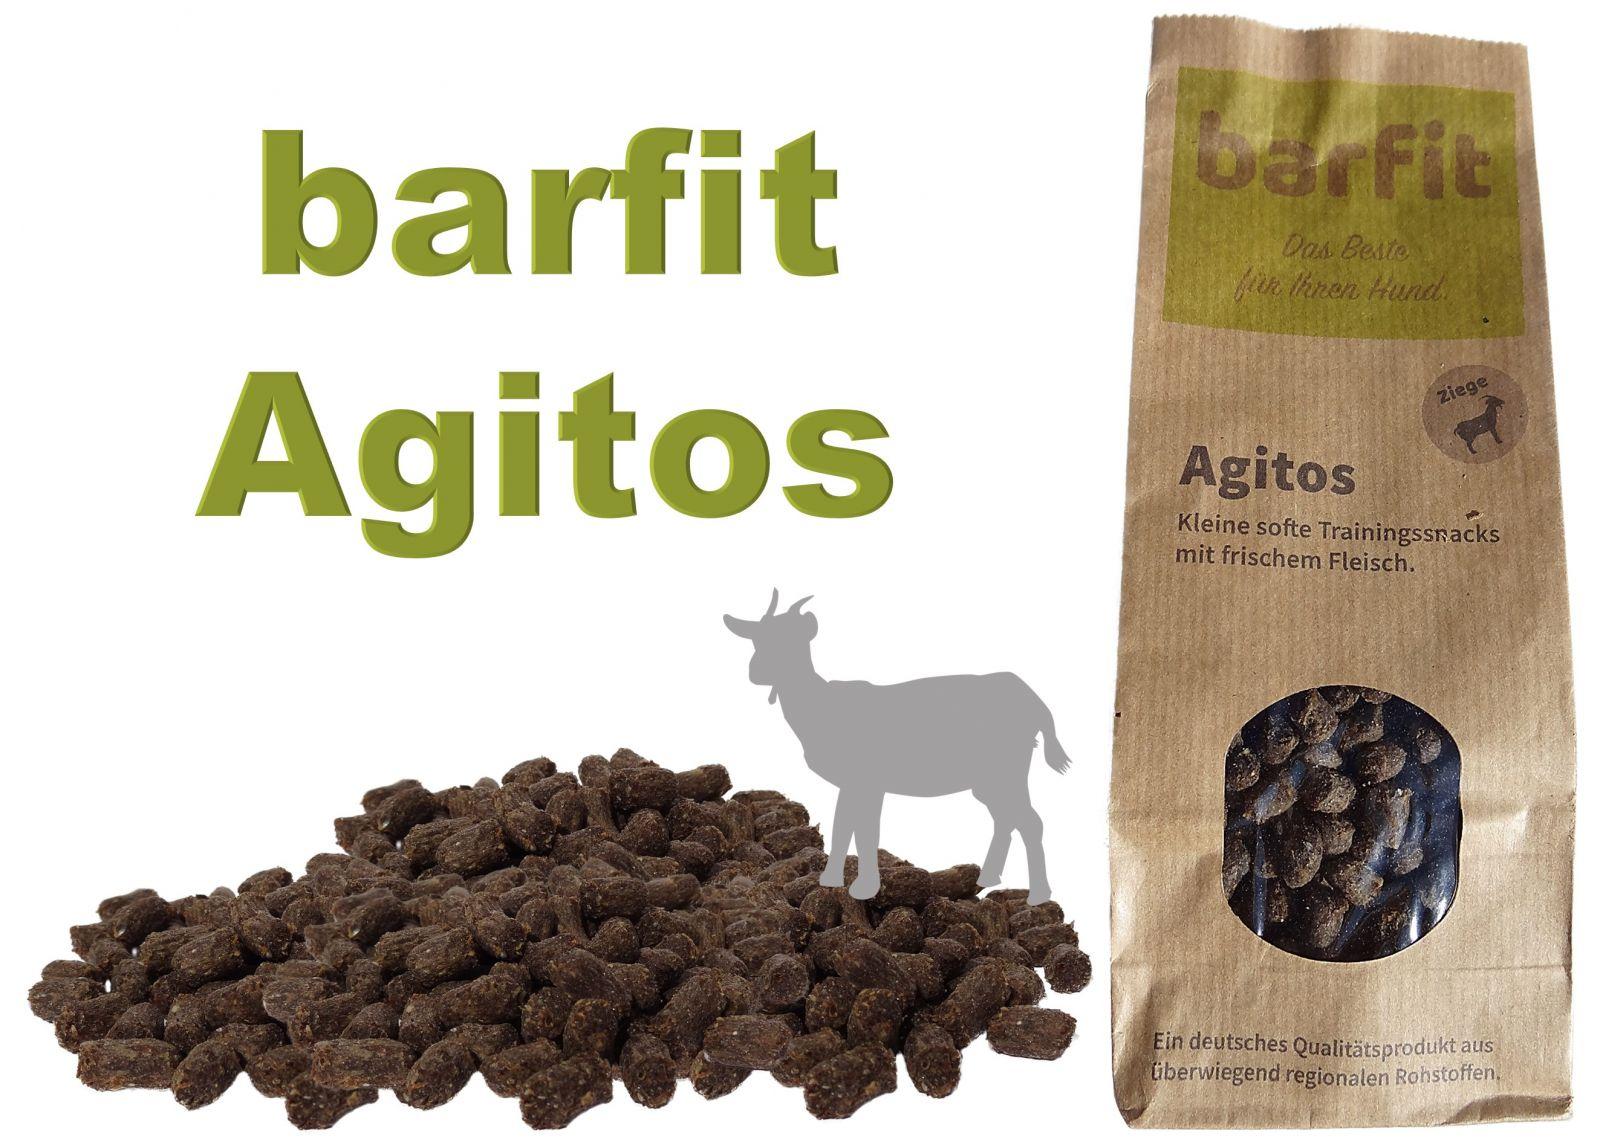 AGITOS měkká tréninková odměna - koza monoprotein 250g Wallitzer